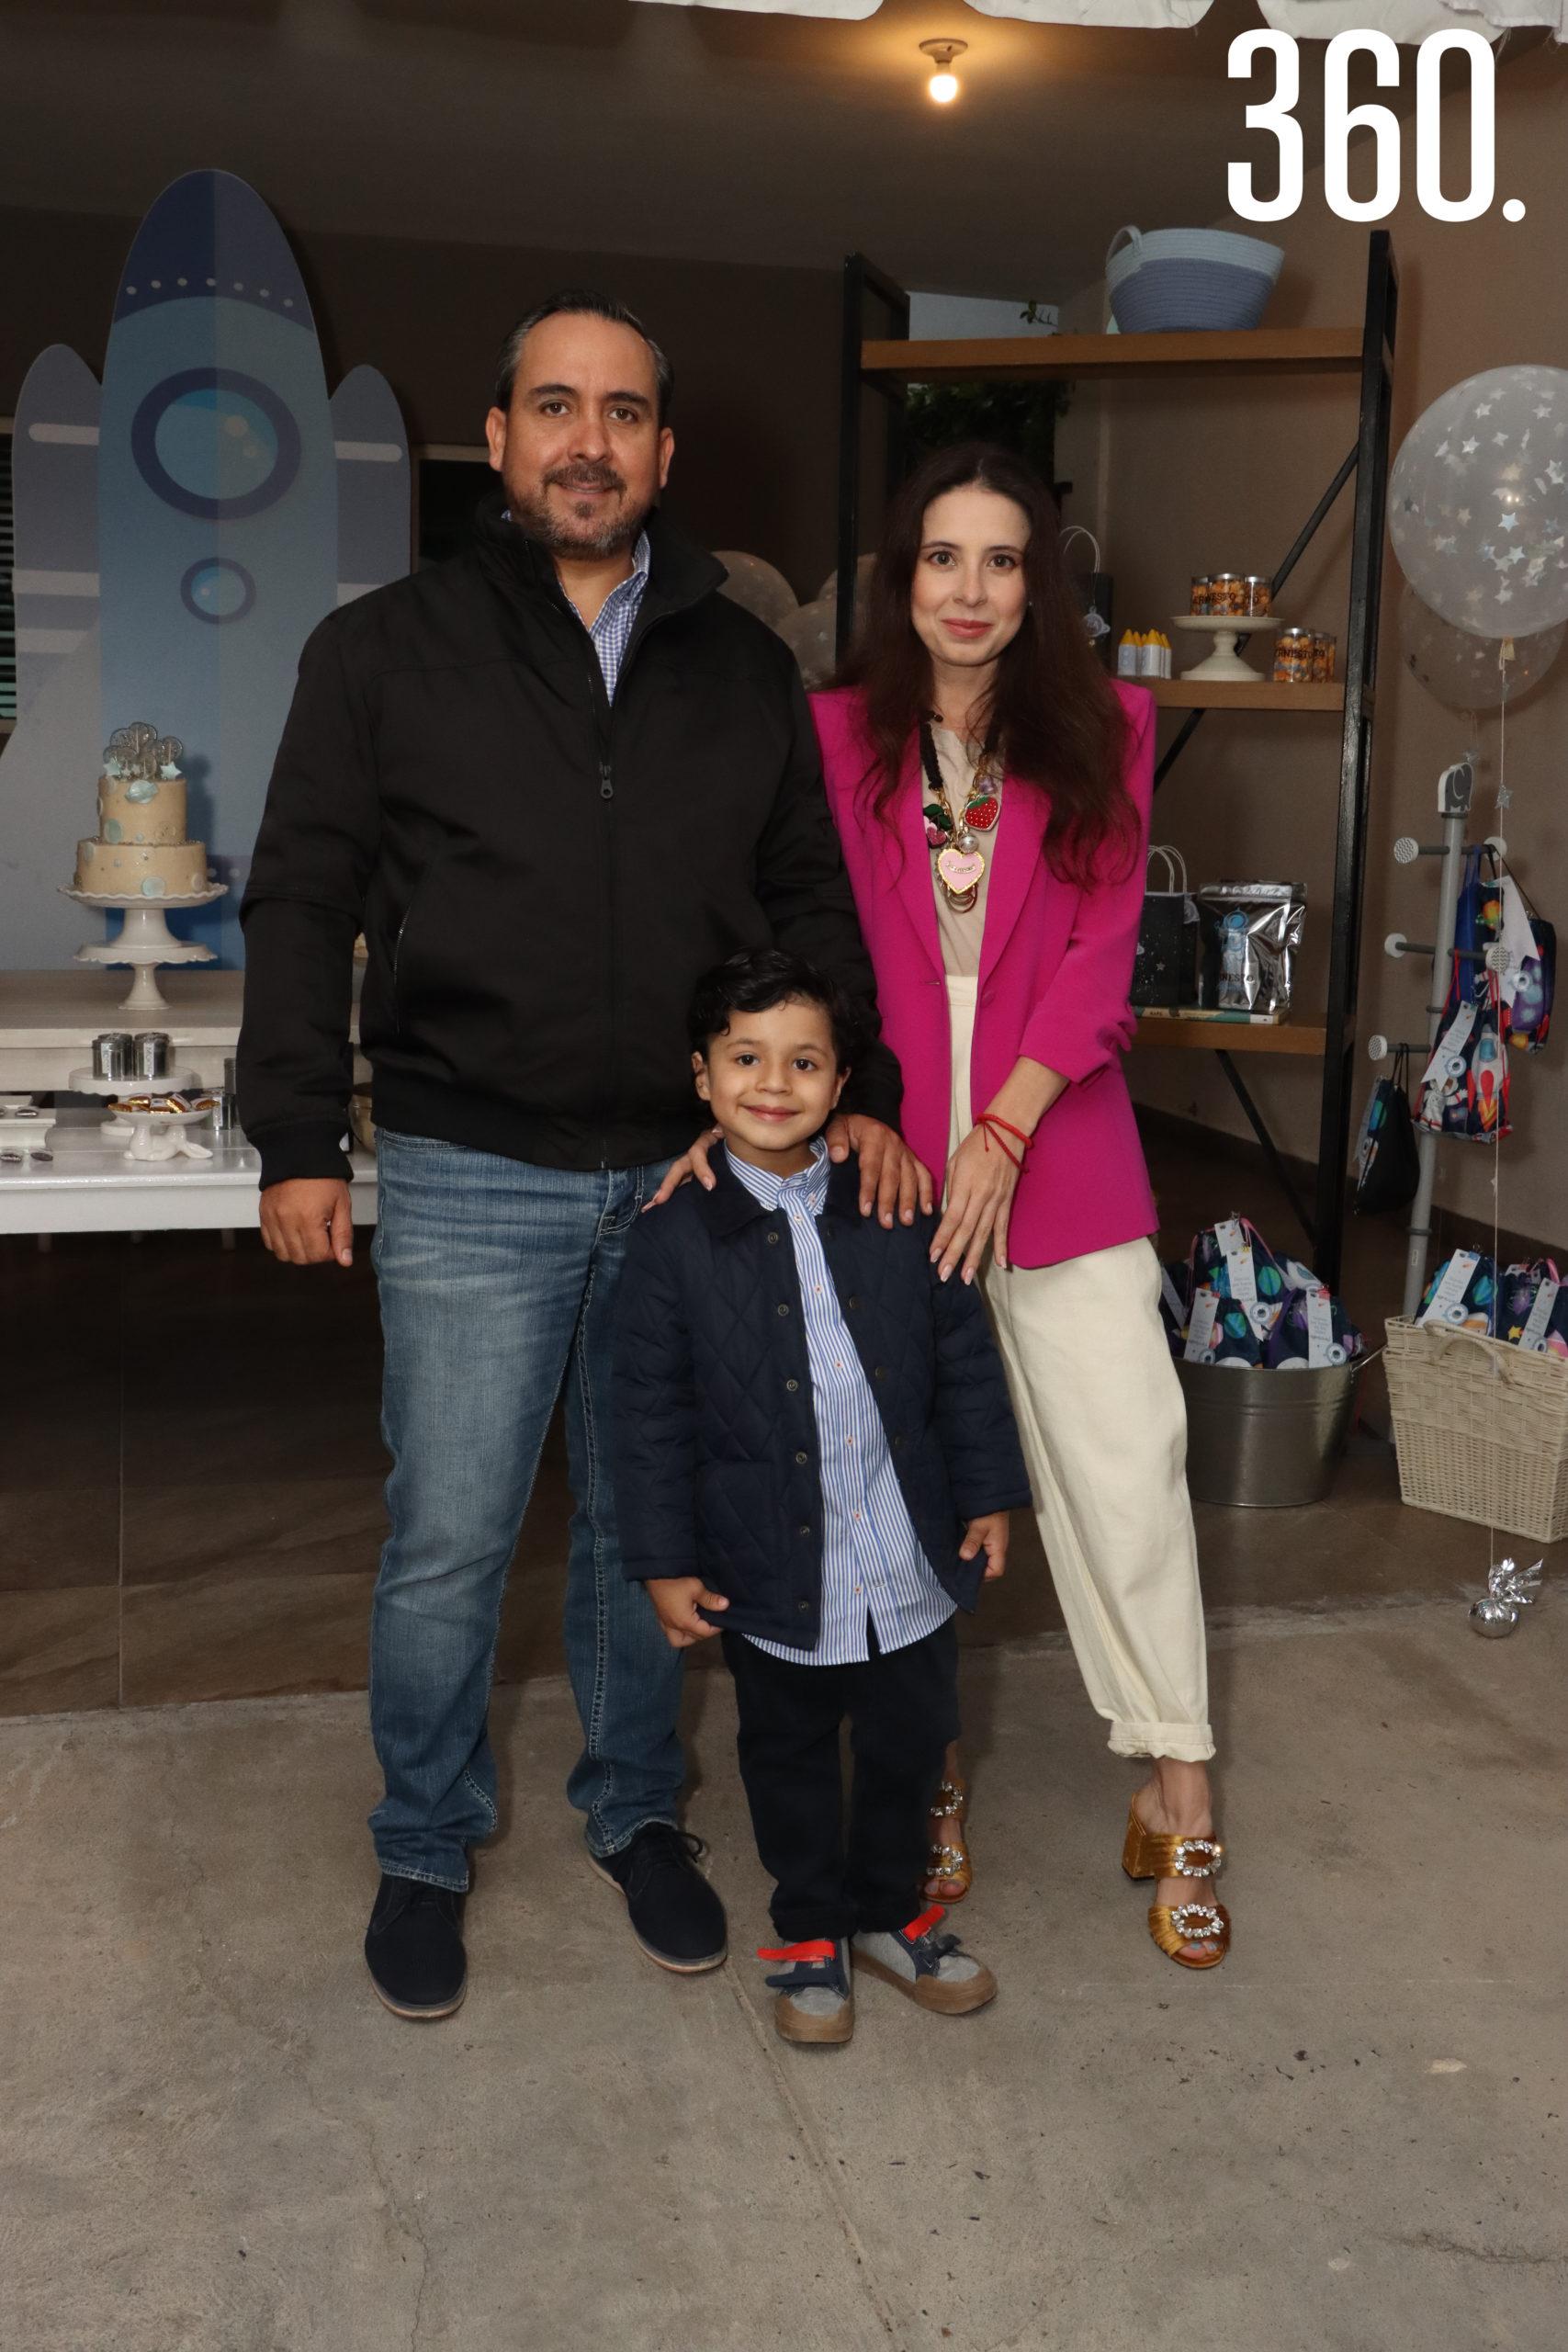 Ernesto Alejandro con sus padres, Alejandro Neira y Valeria Boehringer, con el set Galáctico.